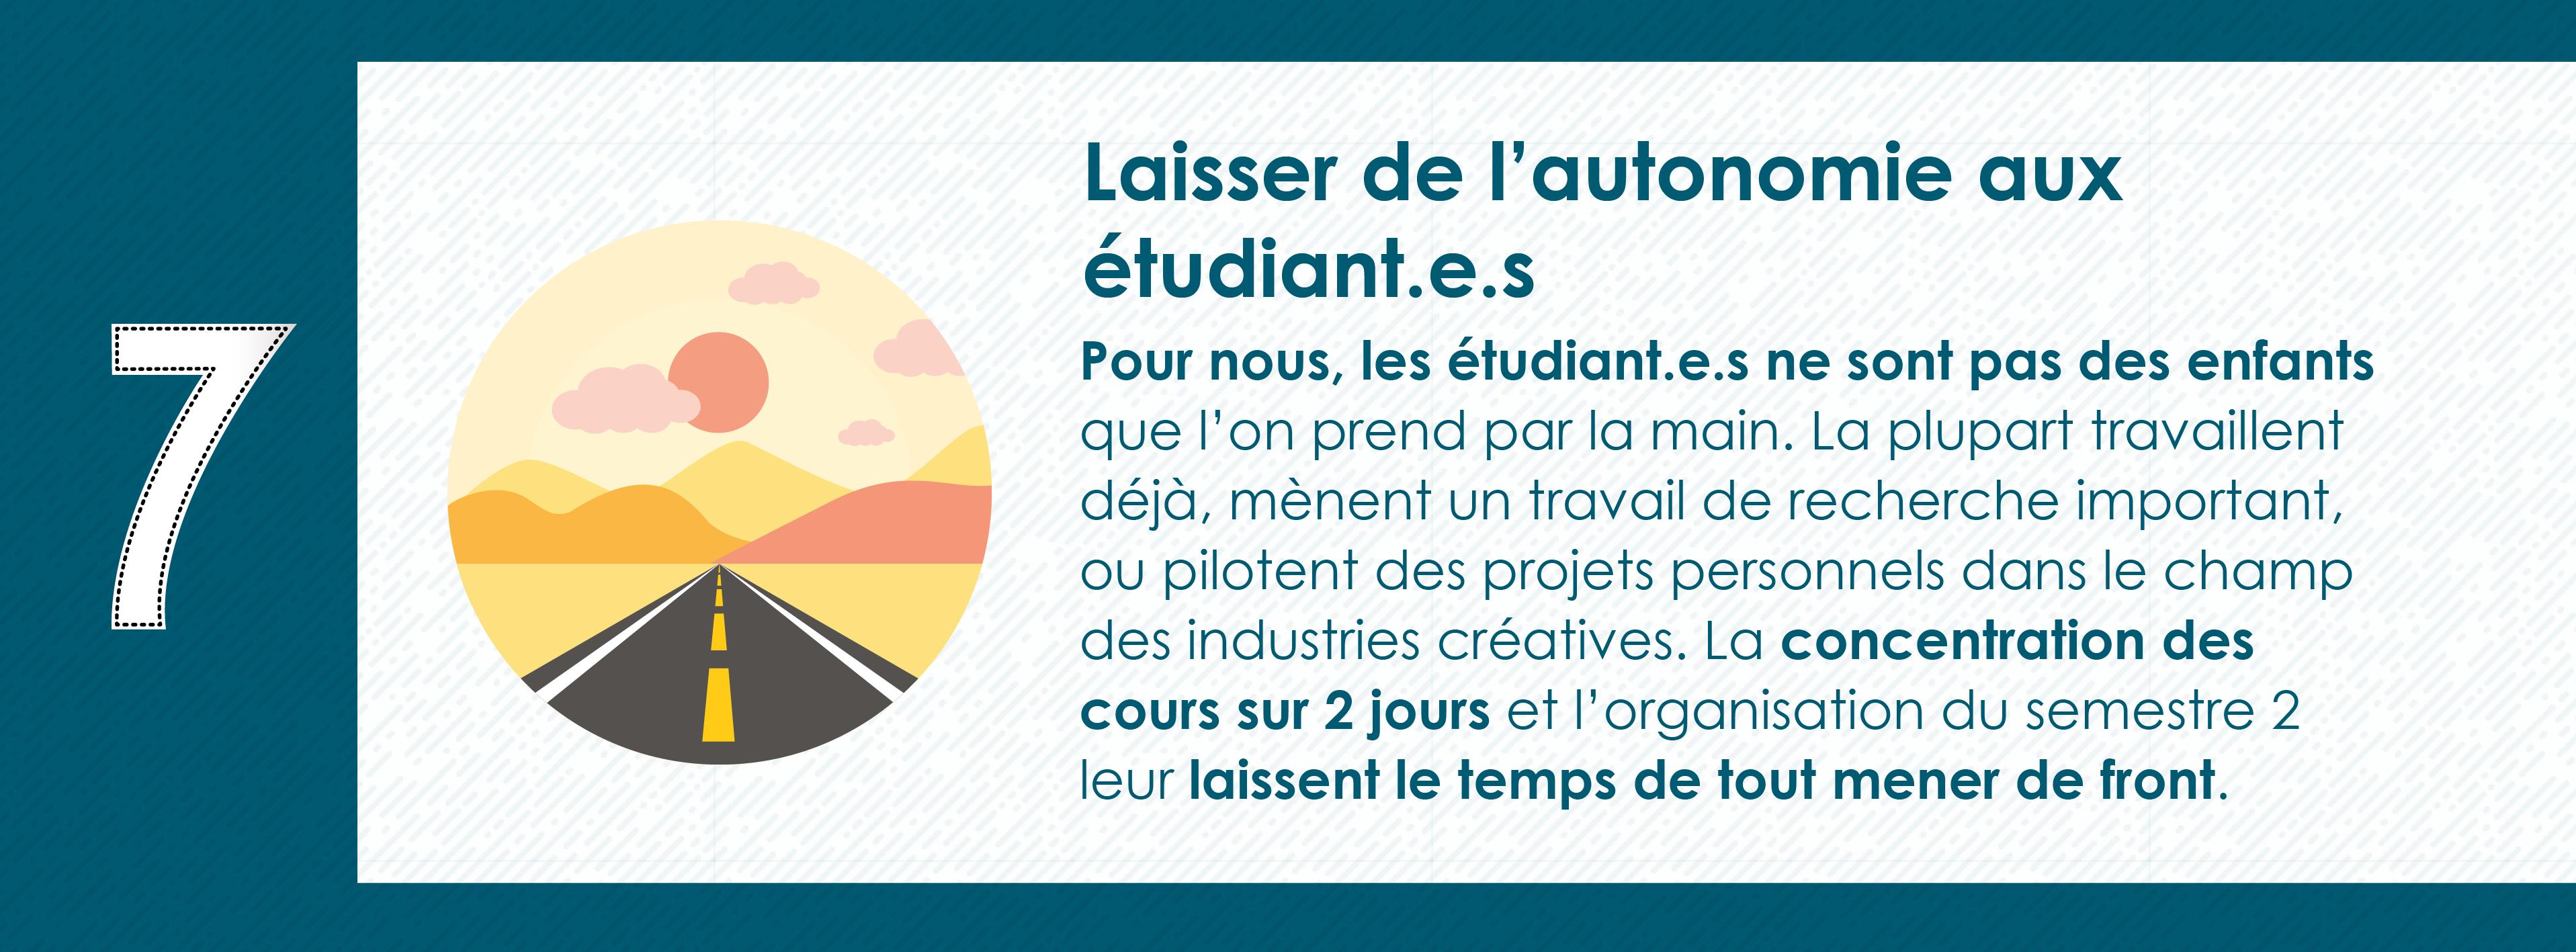 Pourquoi rejoindre le Master 2 Industrie Audiovisuelle de Paris 8 - Autonomie des étudiants